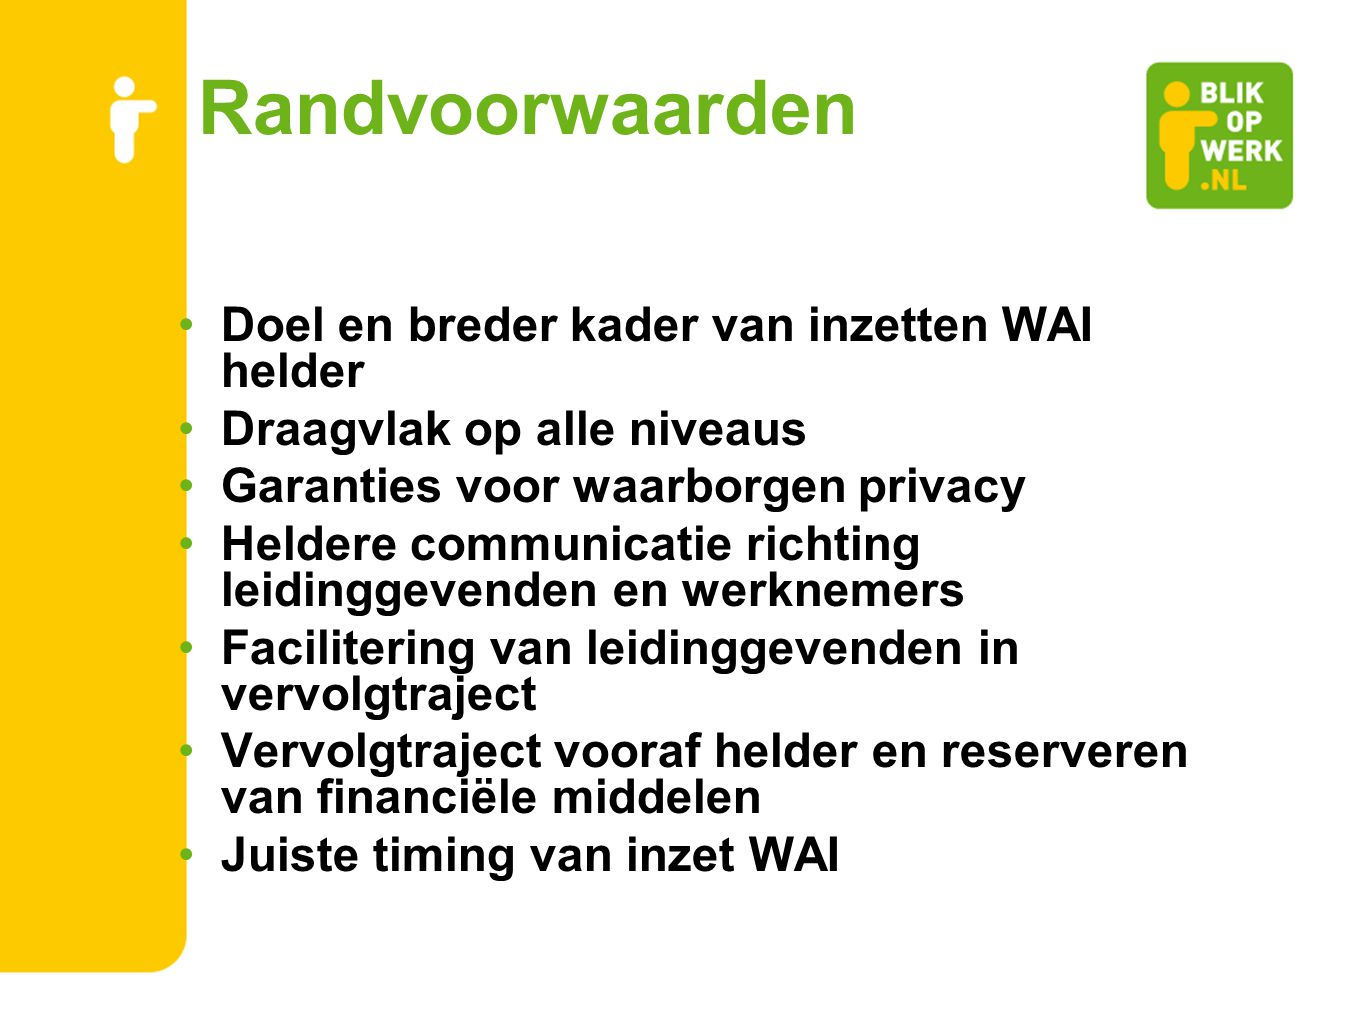 Randvoorwaarden Doel en breder kader van inzetten WAI helder Draagvlak op alle niveaus Garanties voor waarborgen privacy Heldere communicatie richting